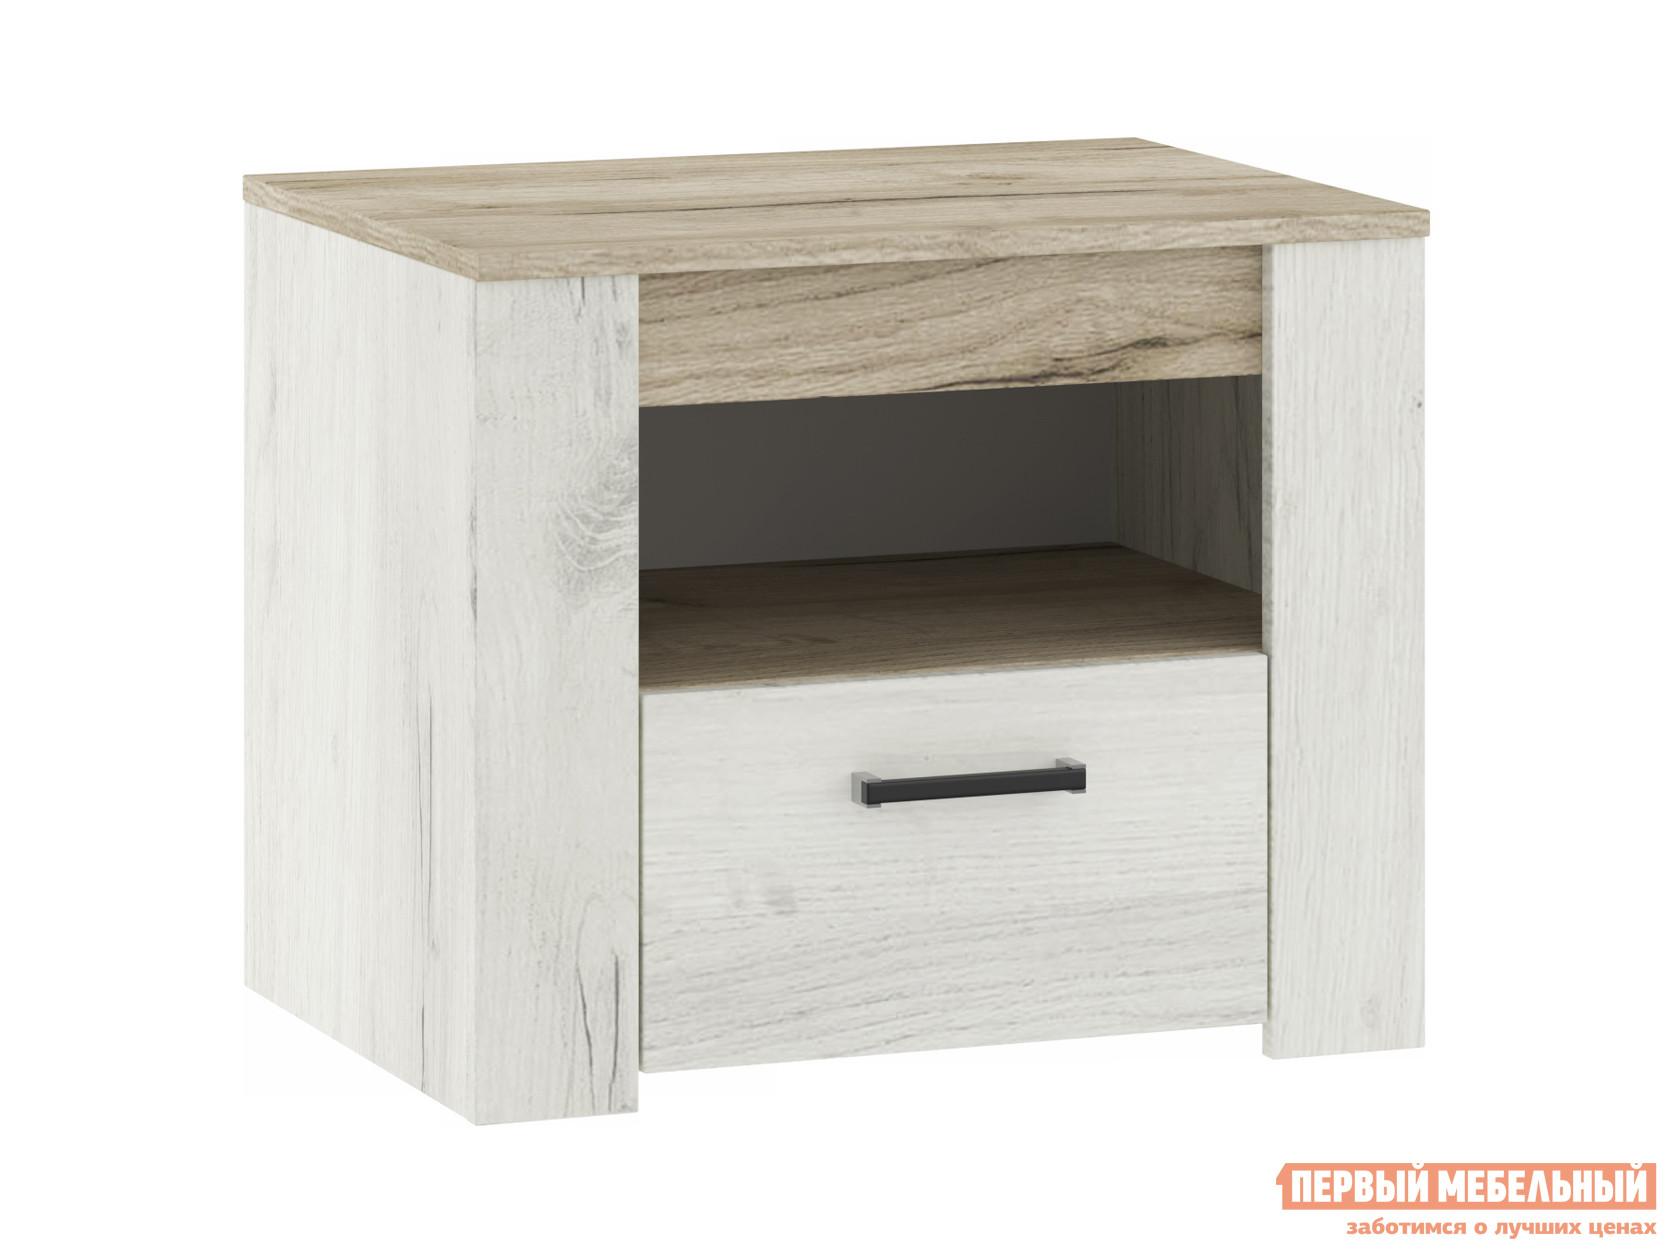 Прикроватная тумбочка НК-Мебель ПРАГА тумба прикроватная 72030099